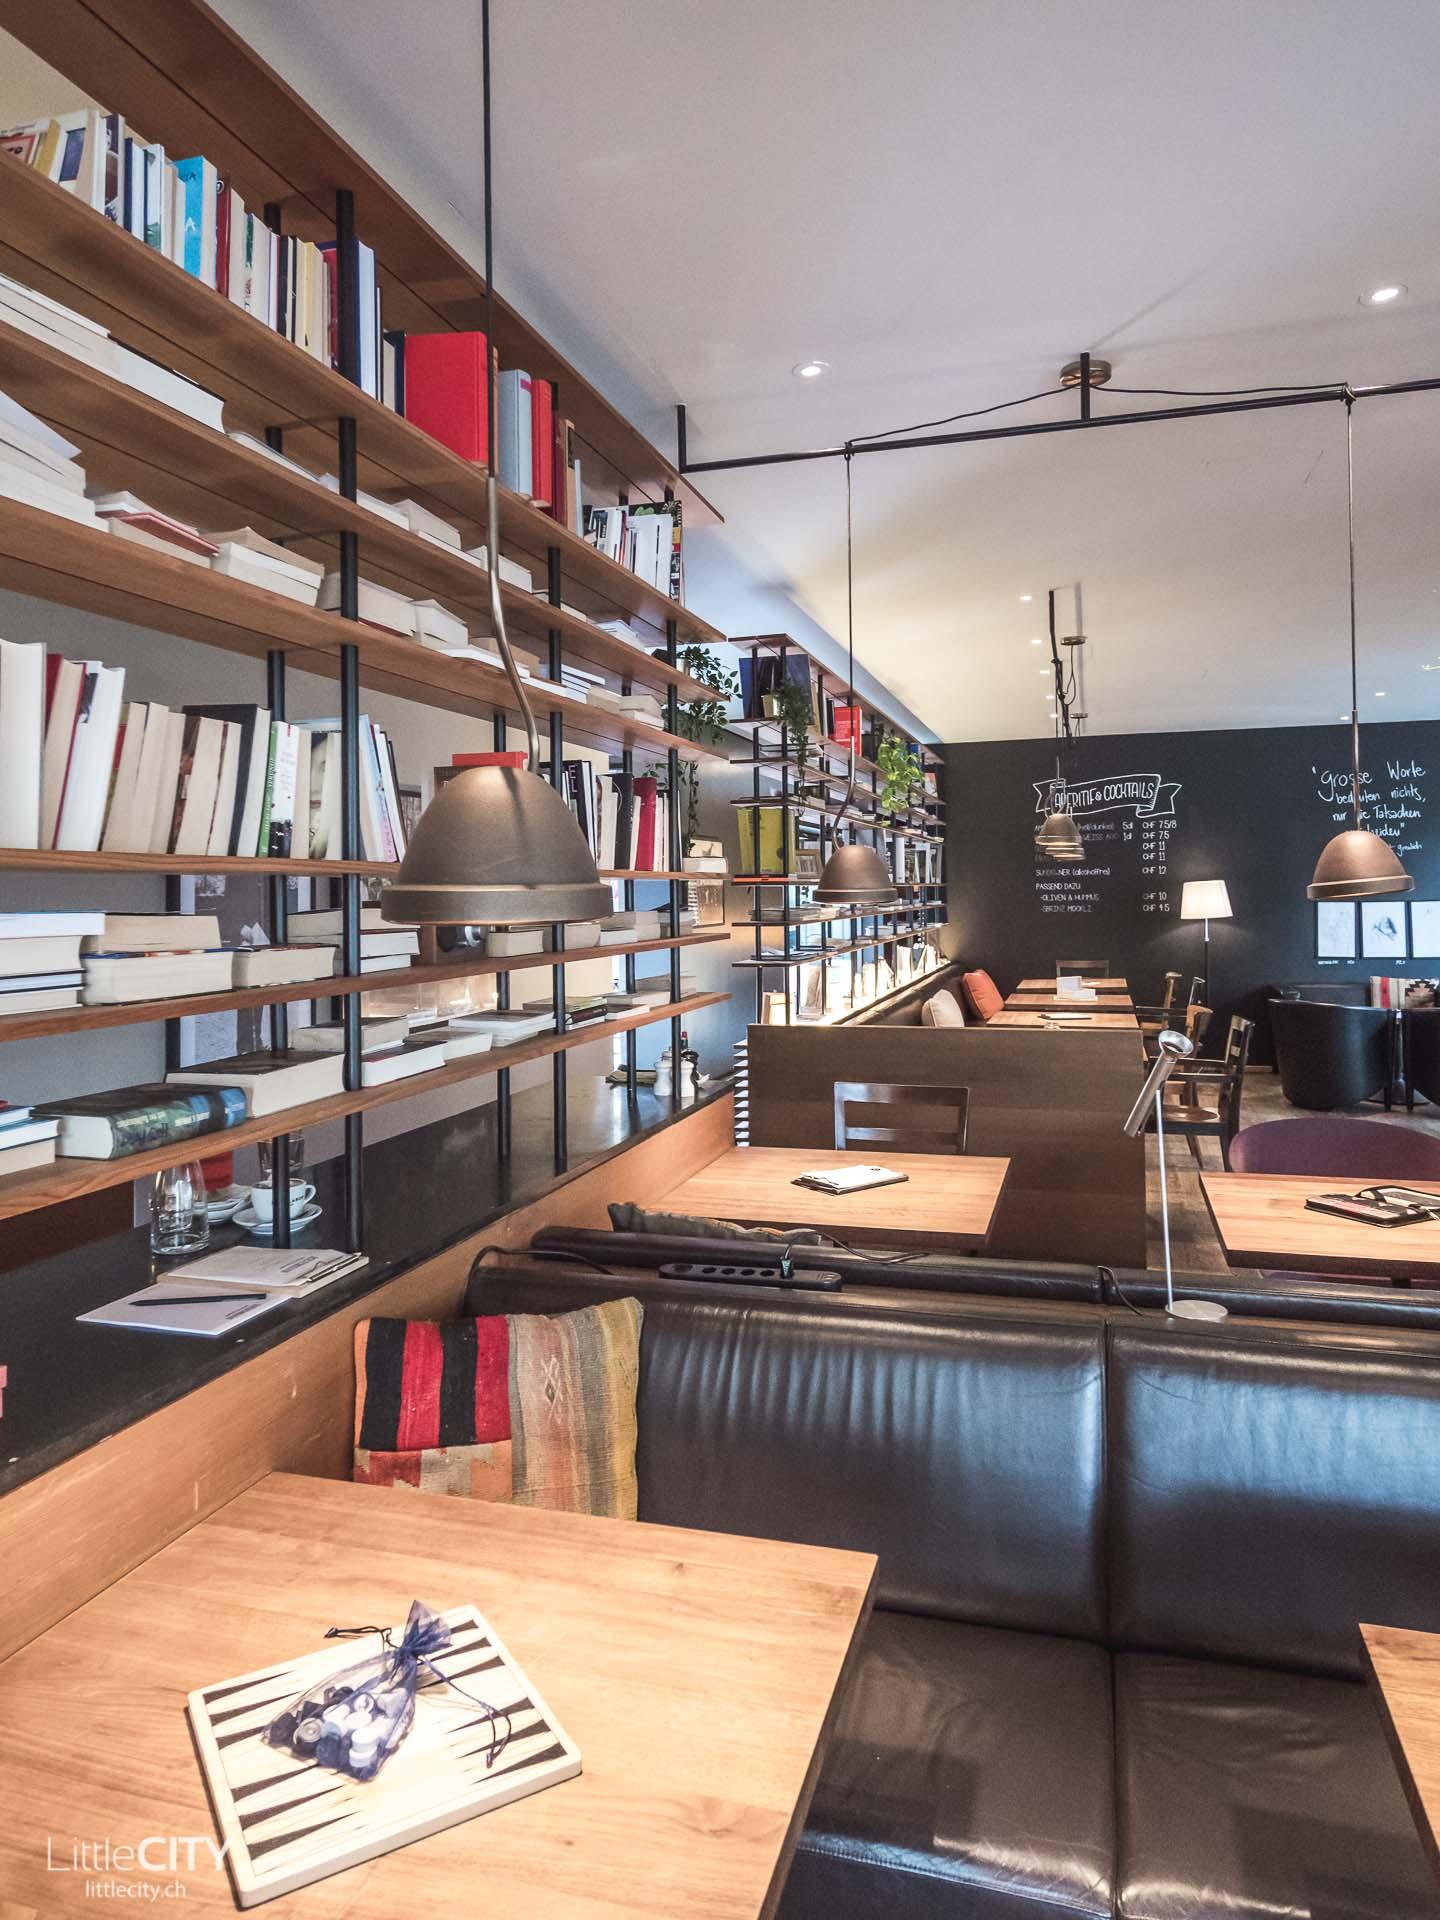 Herrmans Wohnzimmer Caf Tipp Zrich Reiseblog Food Lifestyle